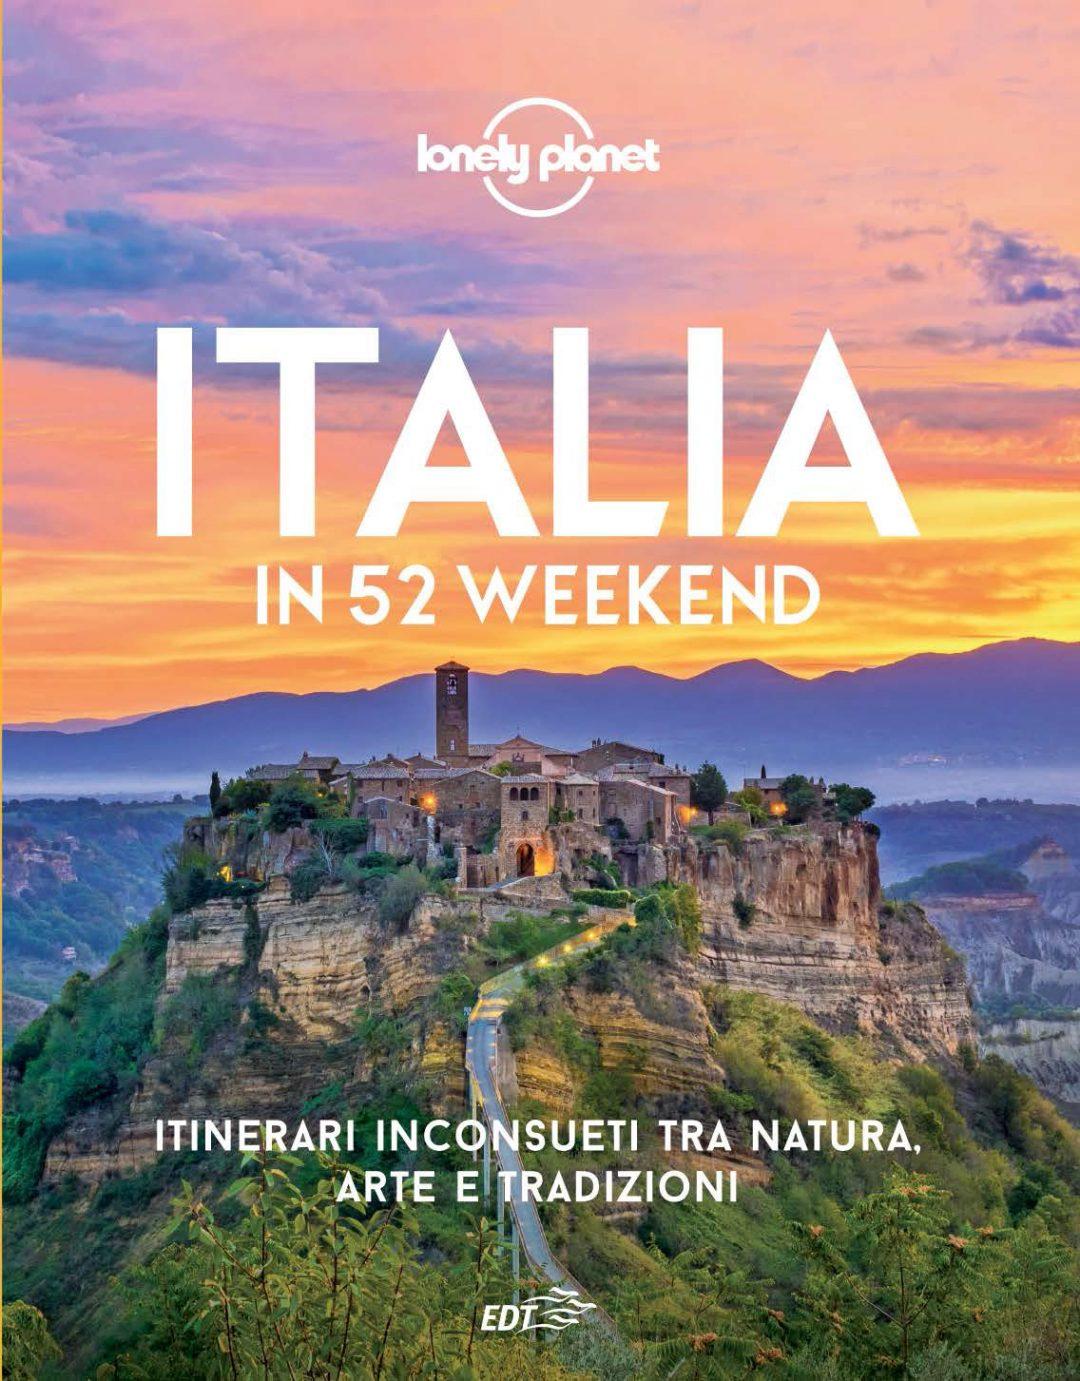 Voglia di blu: le migliori mete per un weekend o una fuga al mare in Italia